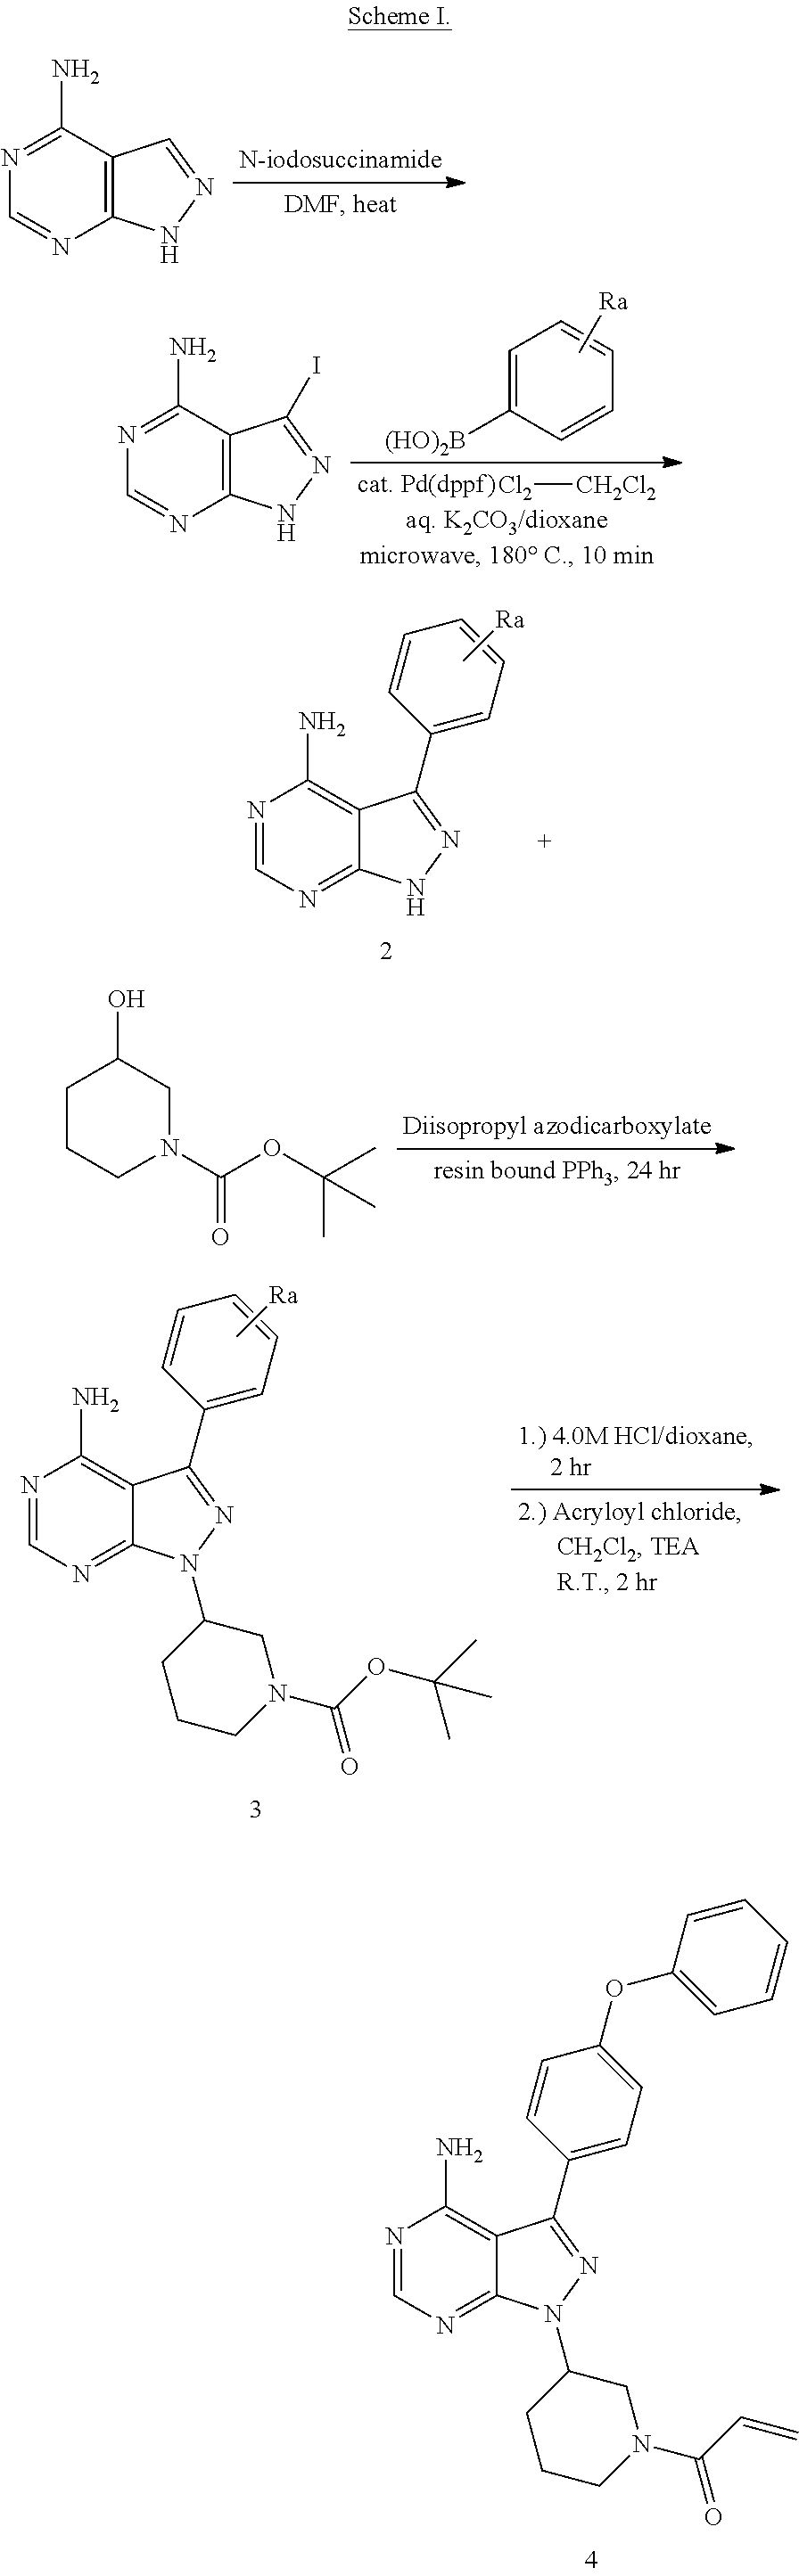 US9133198B2 - Inhibitors of bruton'S tyrosine kinase